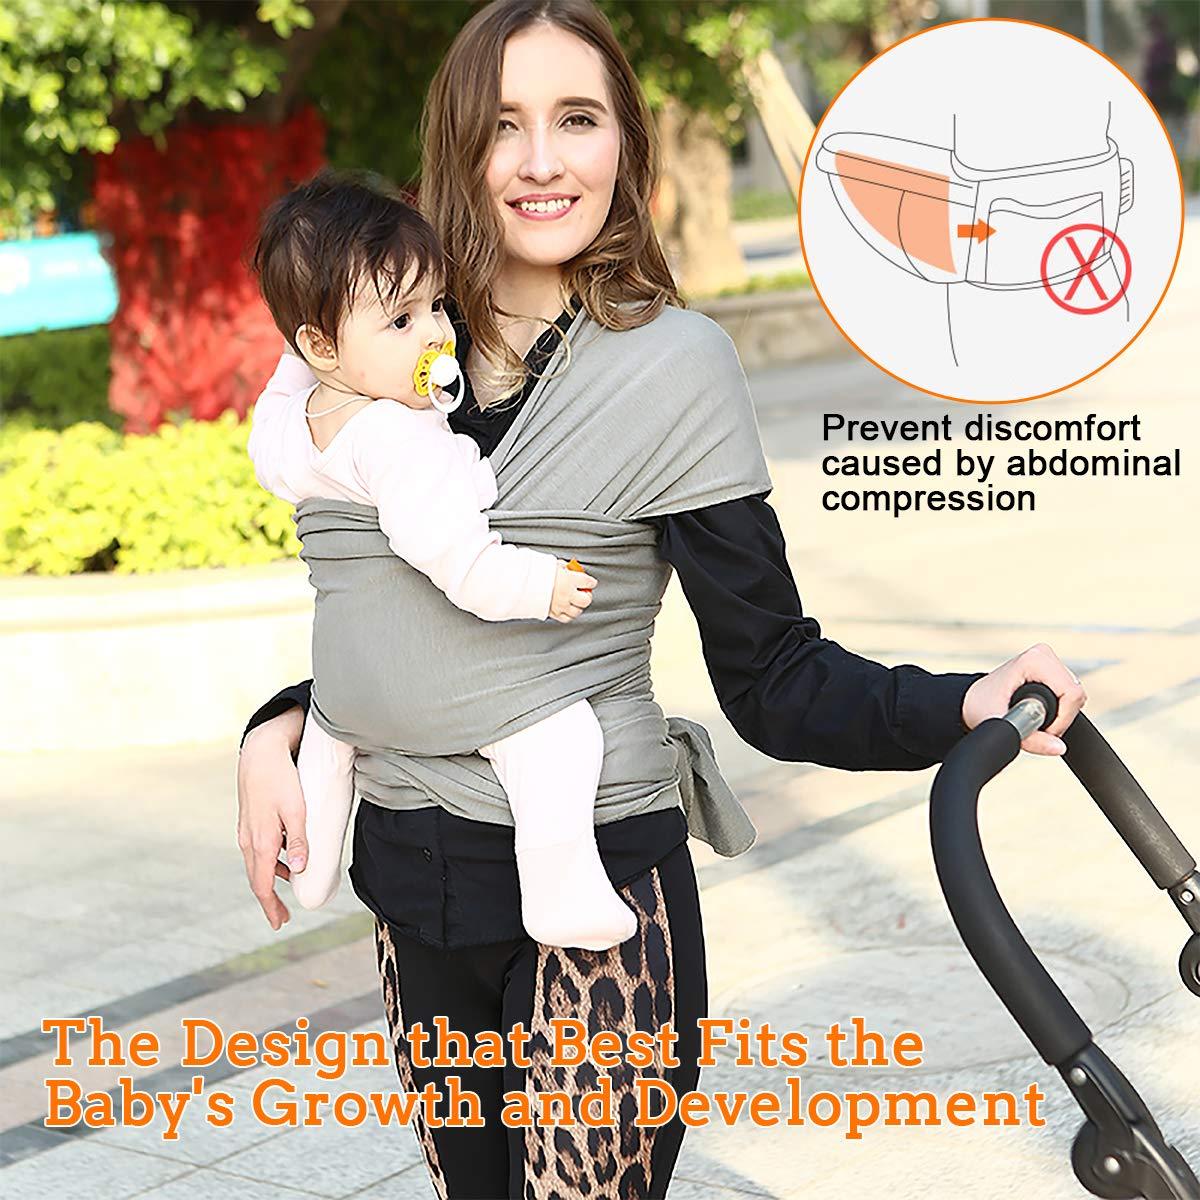 FRUITEAM Babytragetuch Kindertragetuch Babybauchtrage Sling Tragetuch f/ür Baby Neugeborene Innerhalb 16 KG